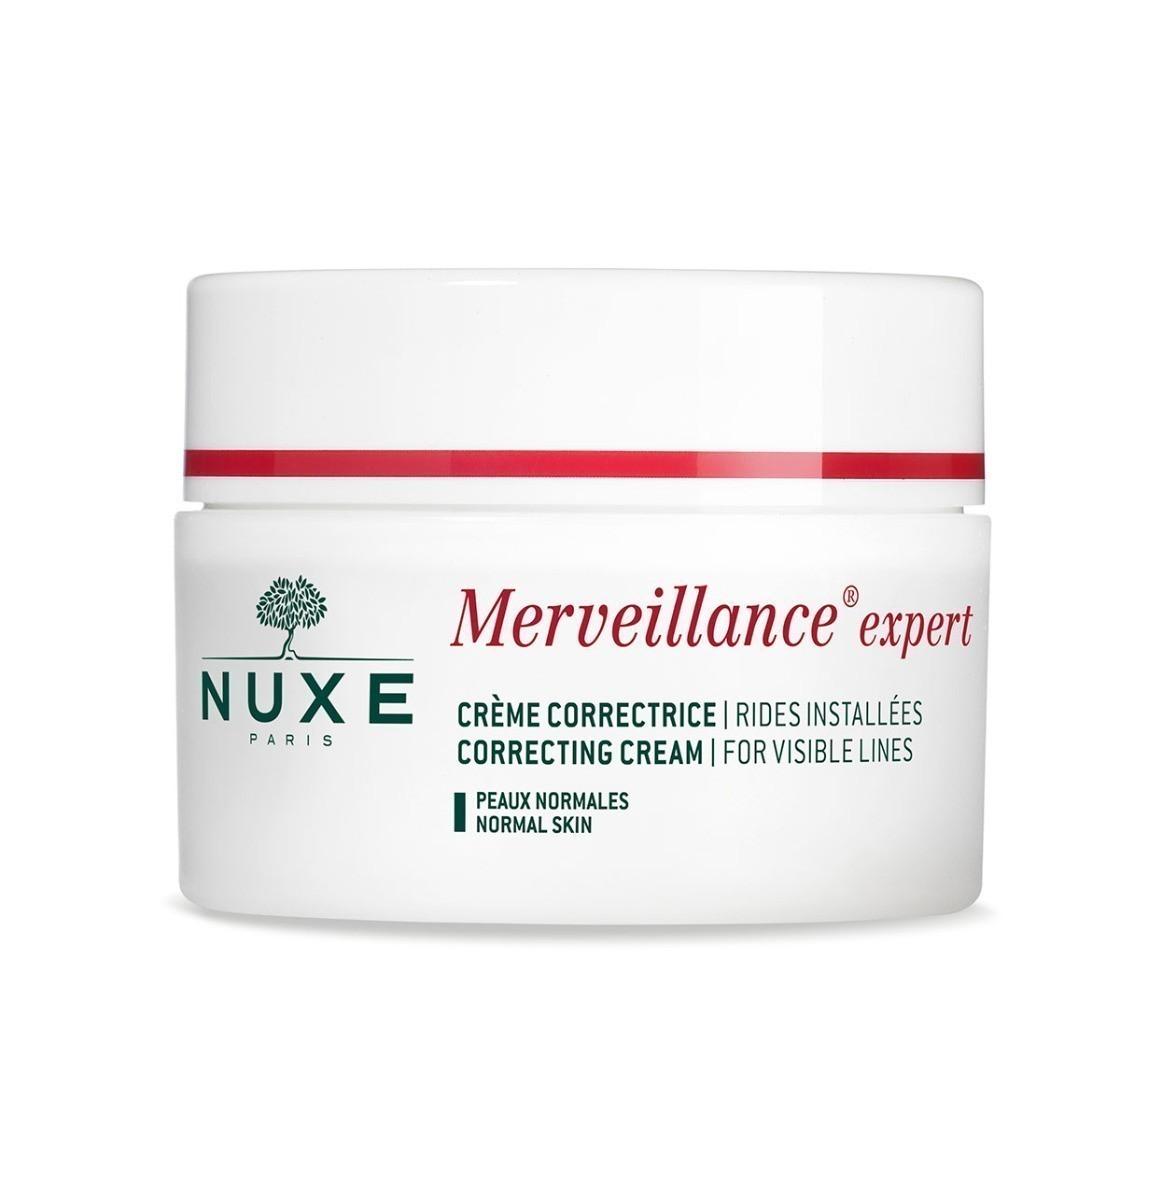 Nuxe Merveillance® Expert